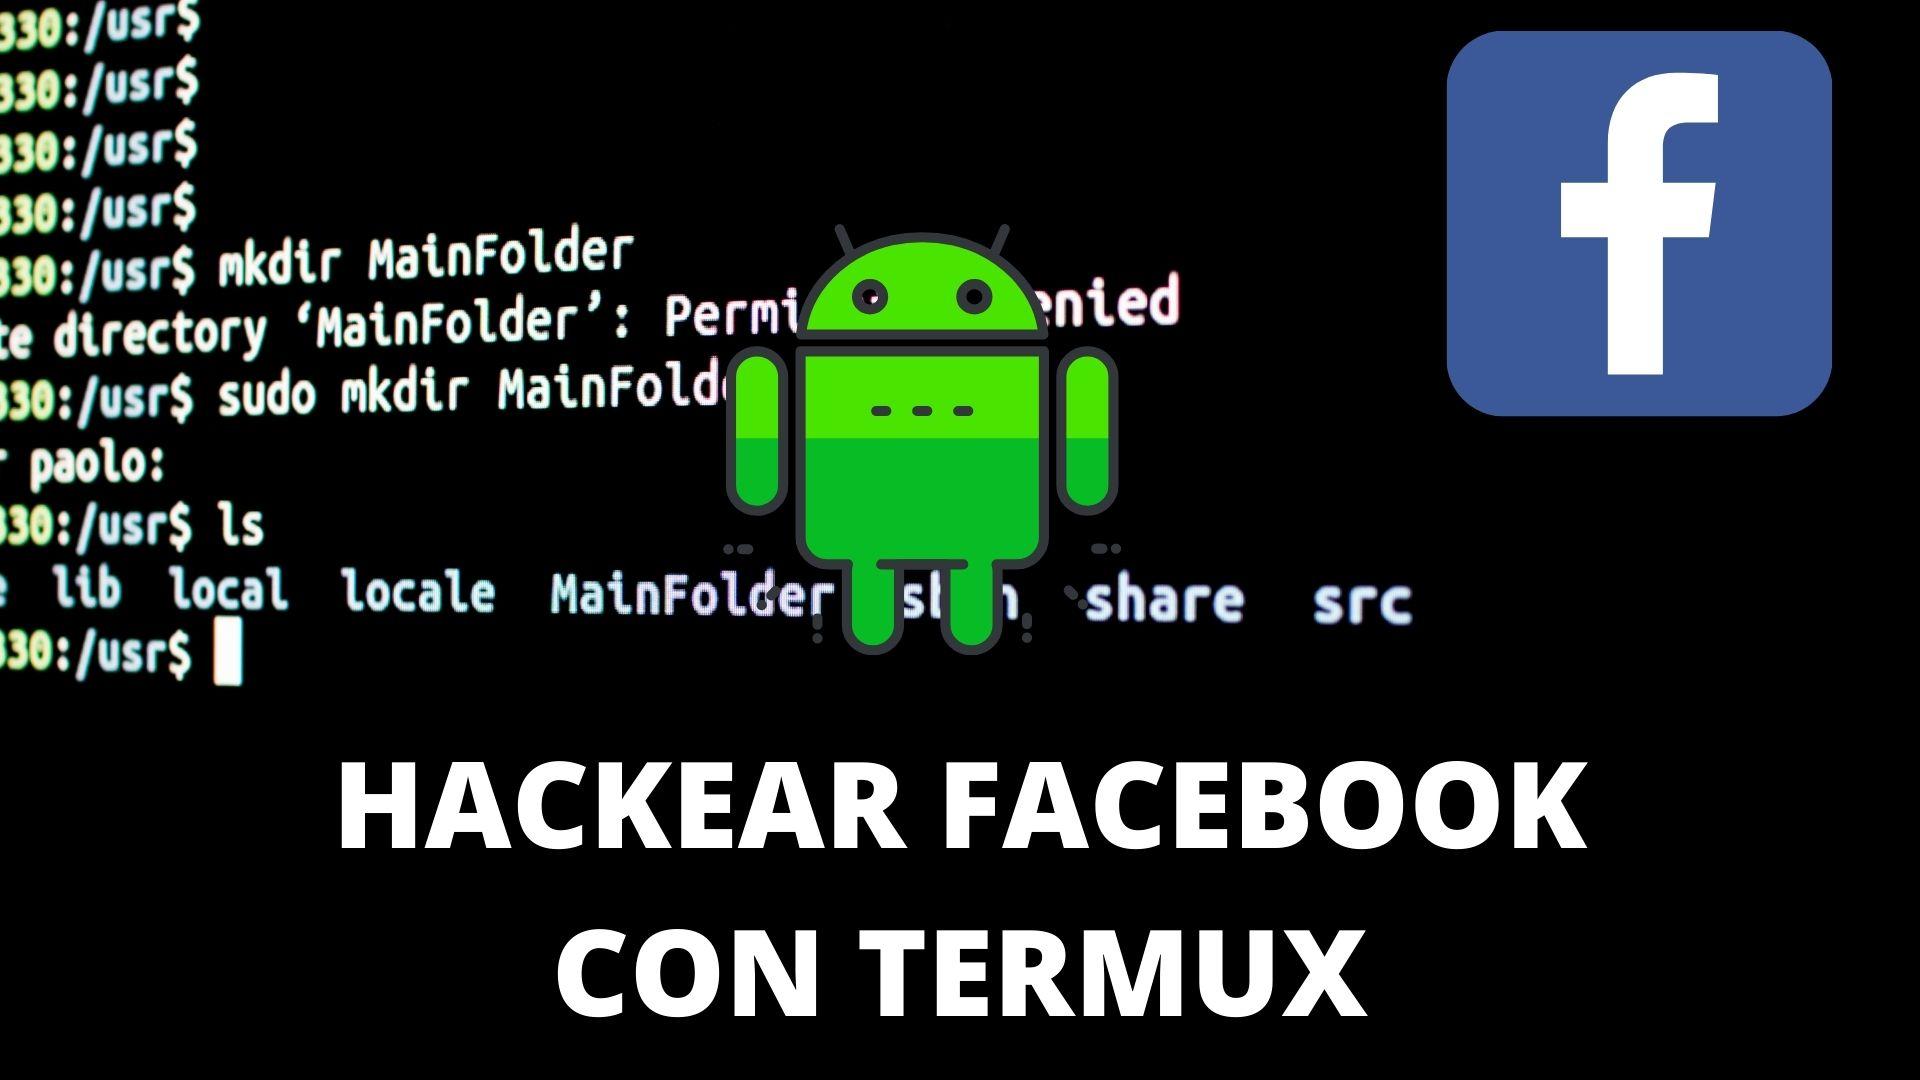 comandos para hackear facebook con termux